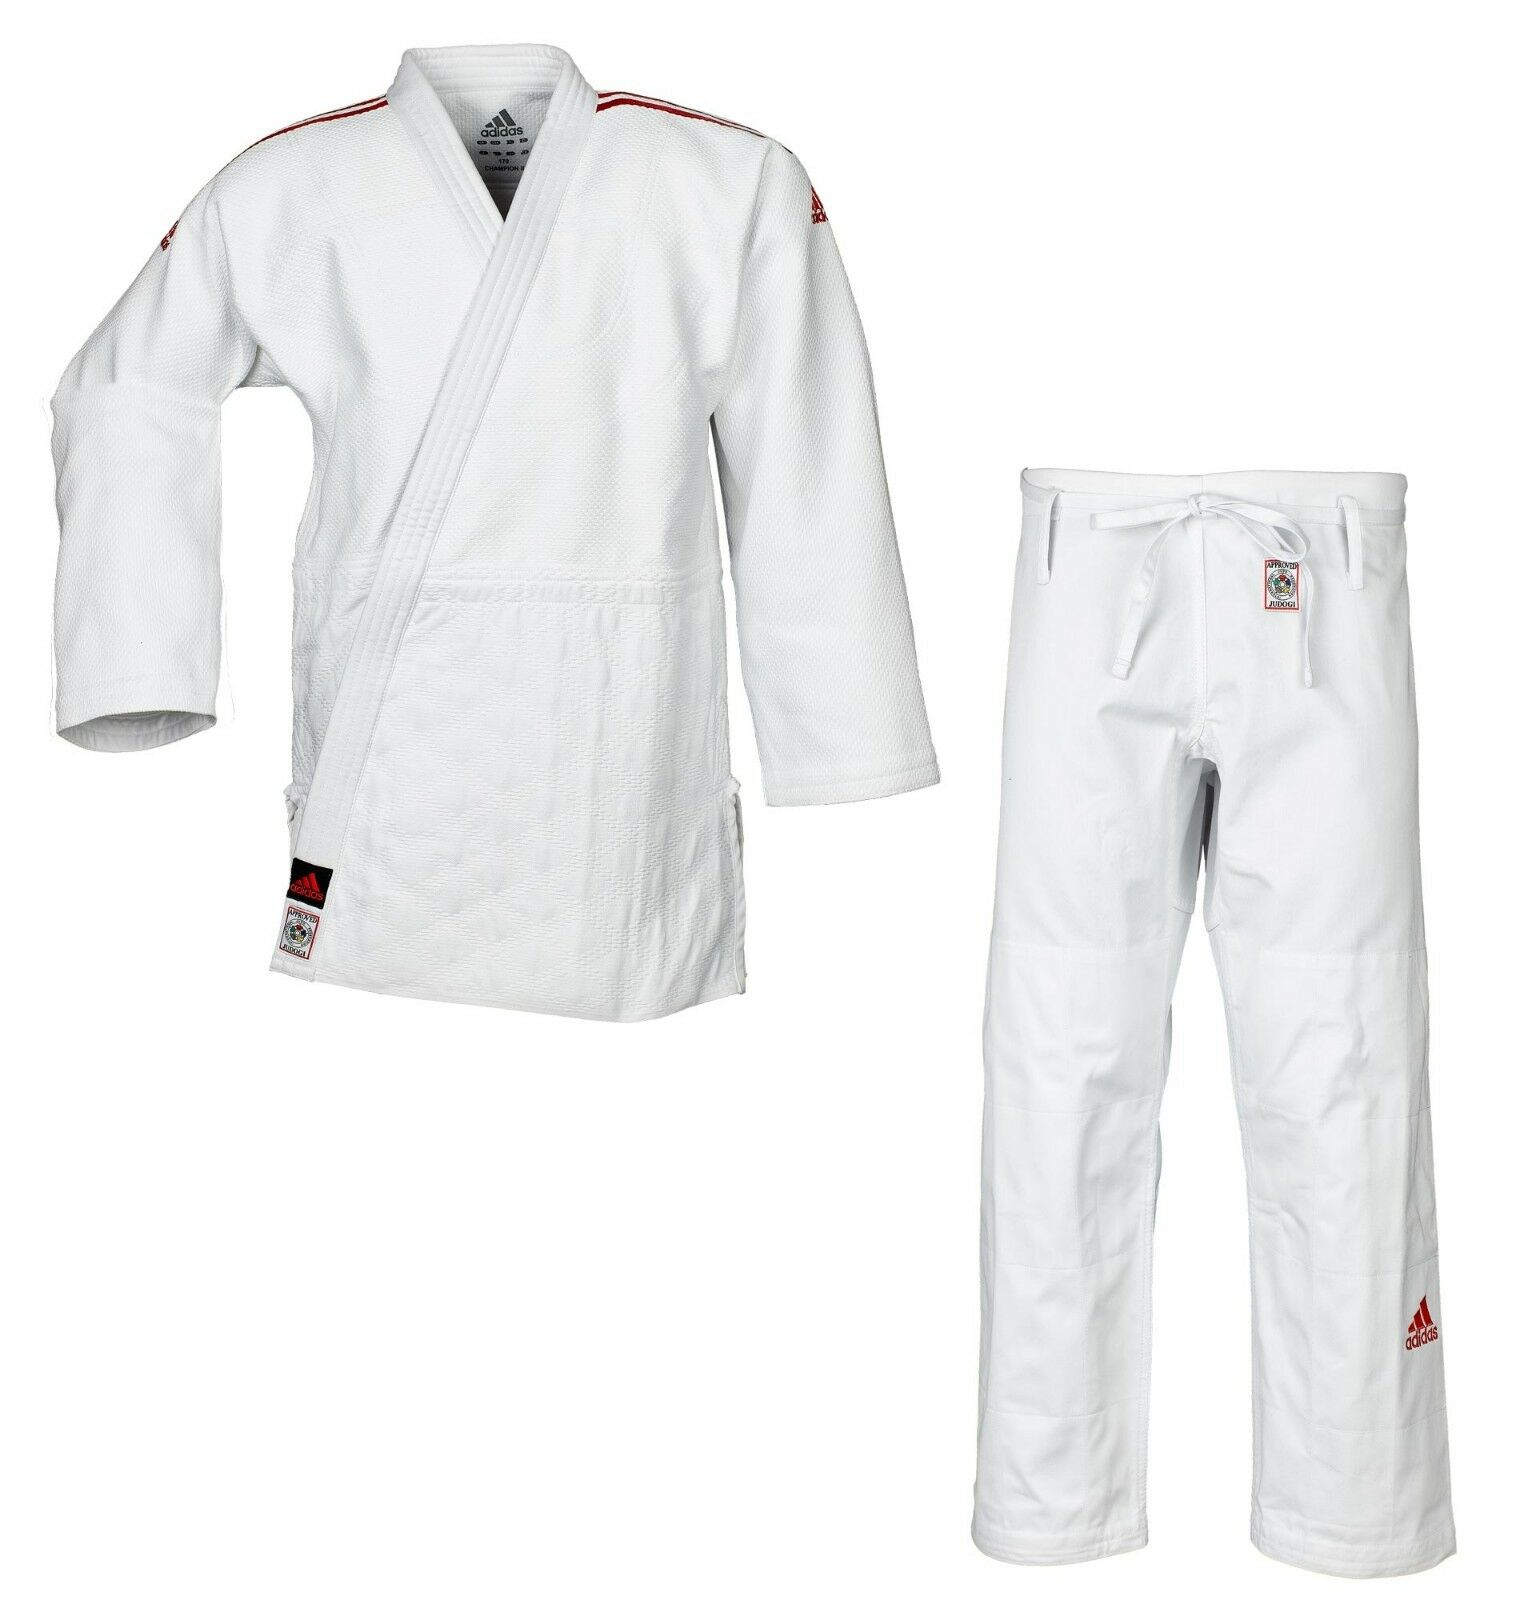 Adidas Judoanzug  CHAMPION II  IJF weiß rote Streifen JIJF - Judo-Anzug